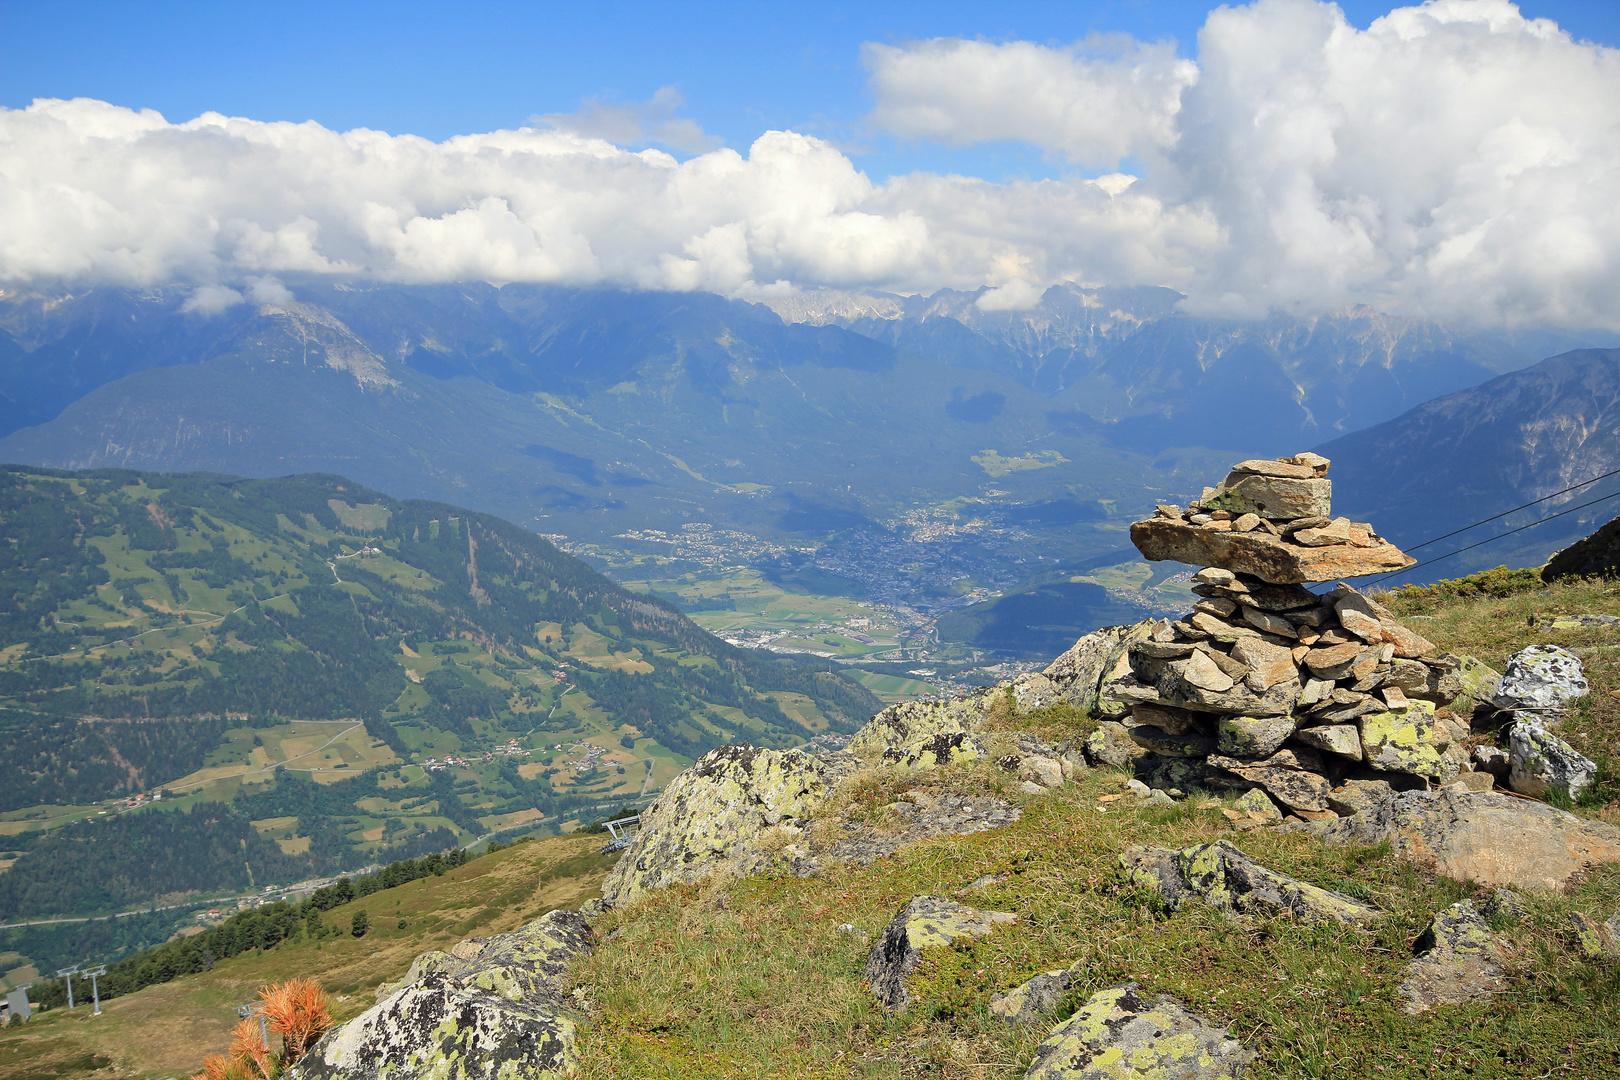 Blick ins Tal vom Sechszeiger bei Jerzens/Tirol (Pitztal)